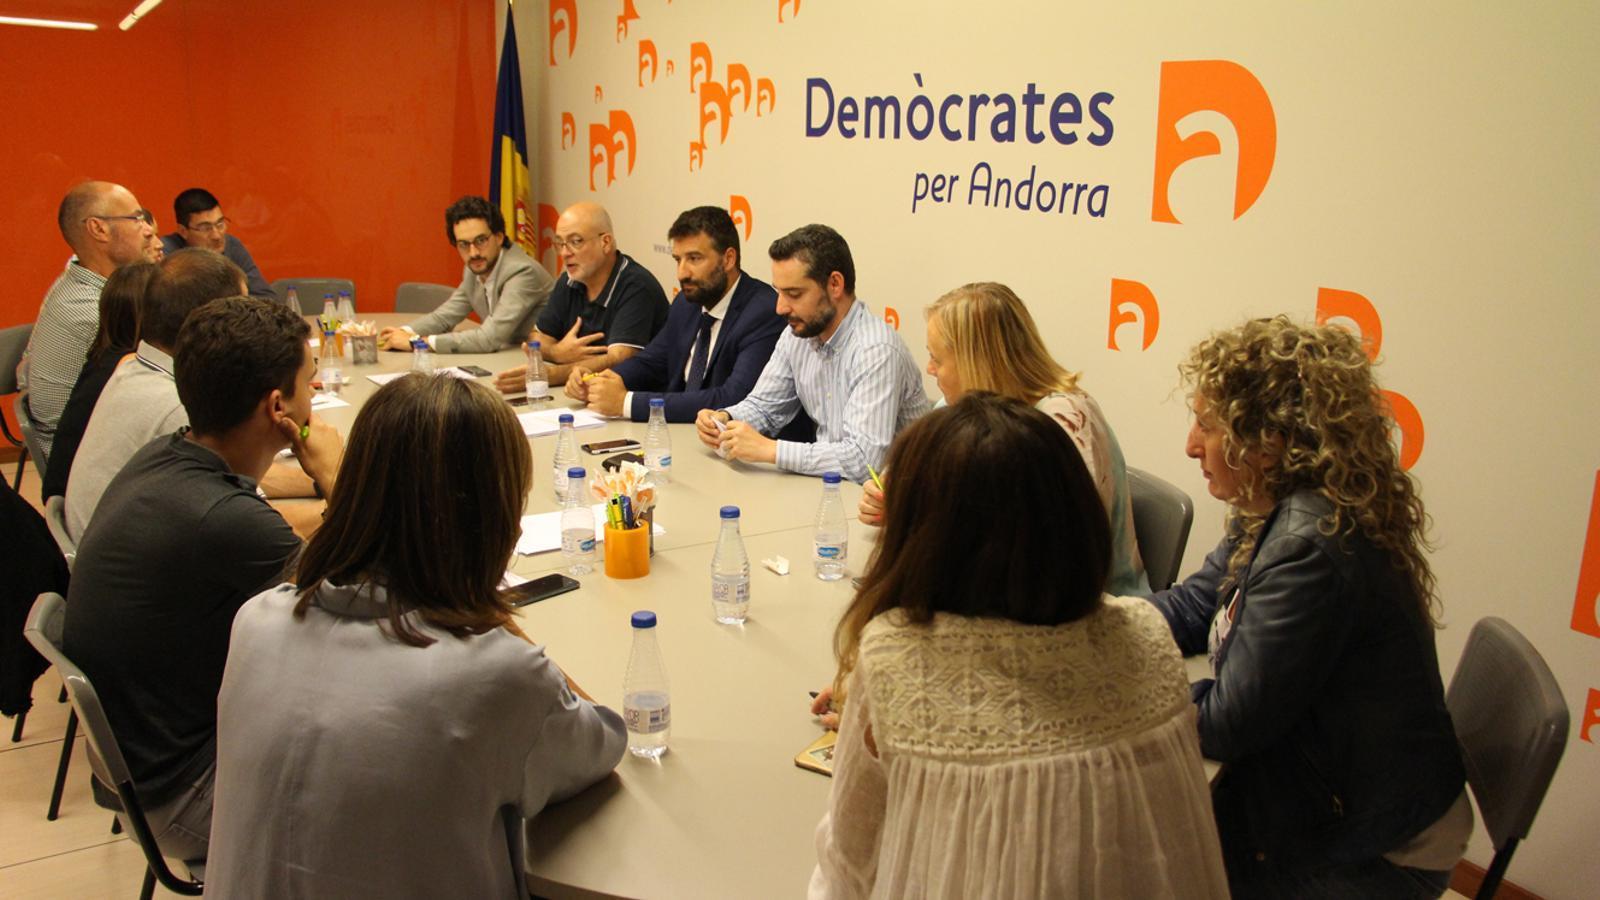 Un moment de la reunió de l'executiva de Demòcrates per Andorra. / M. M. (ANA)